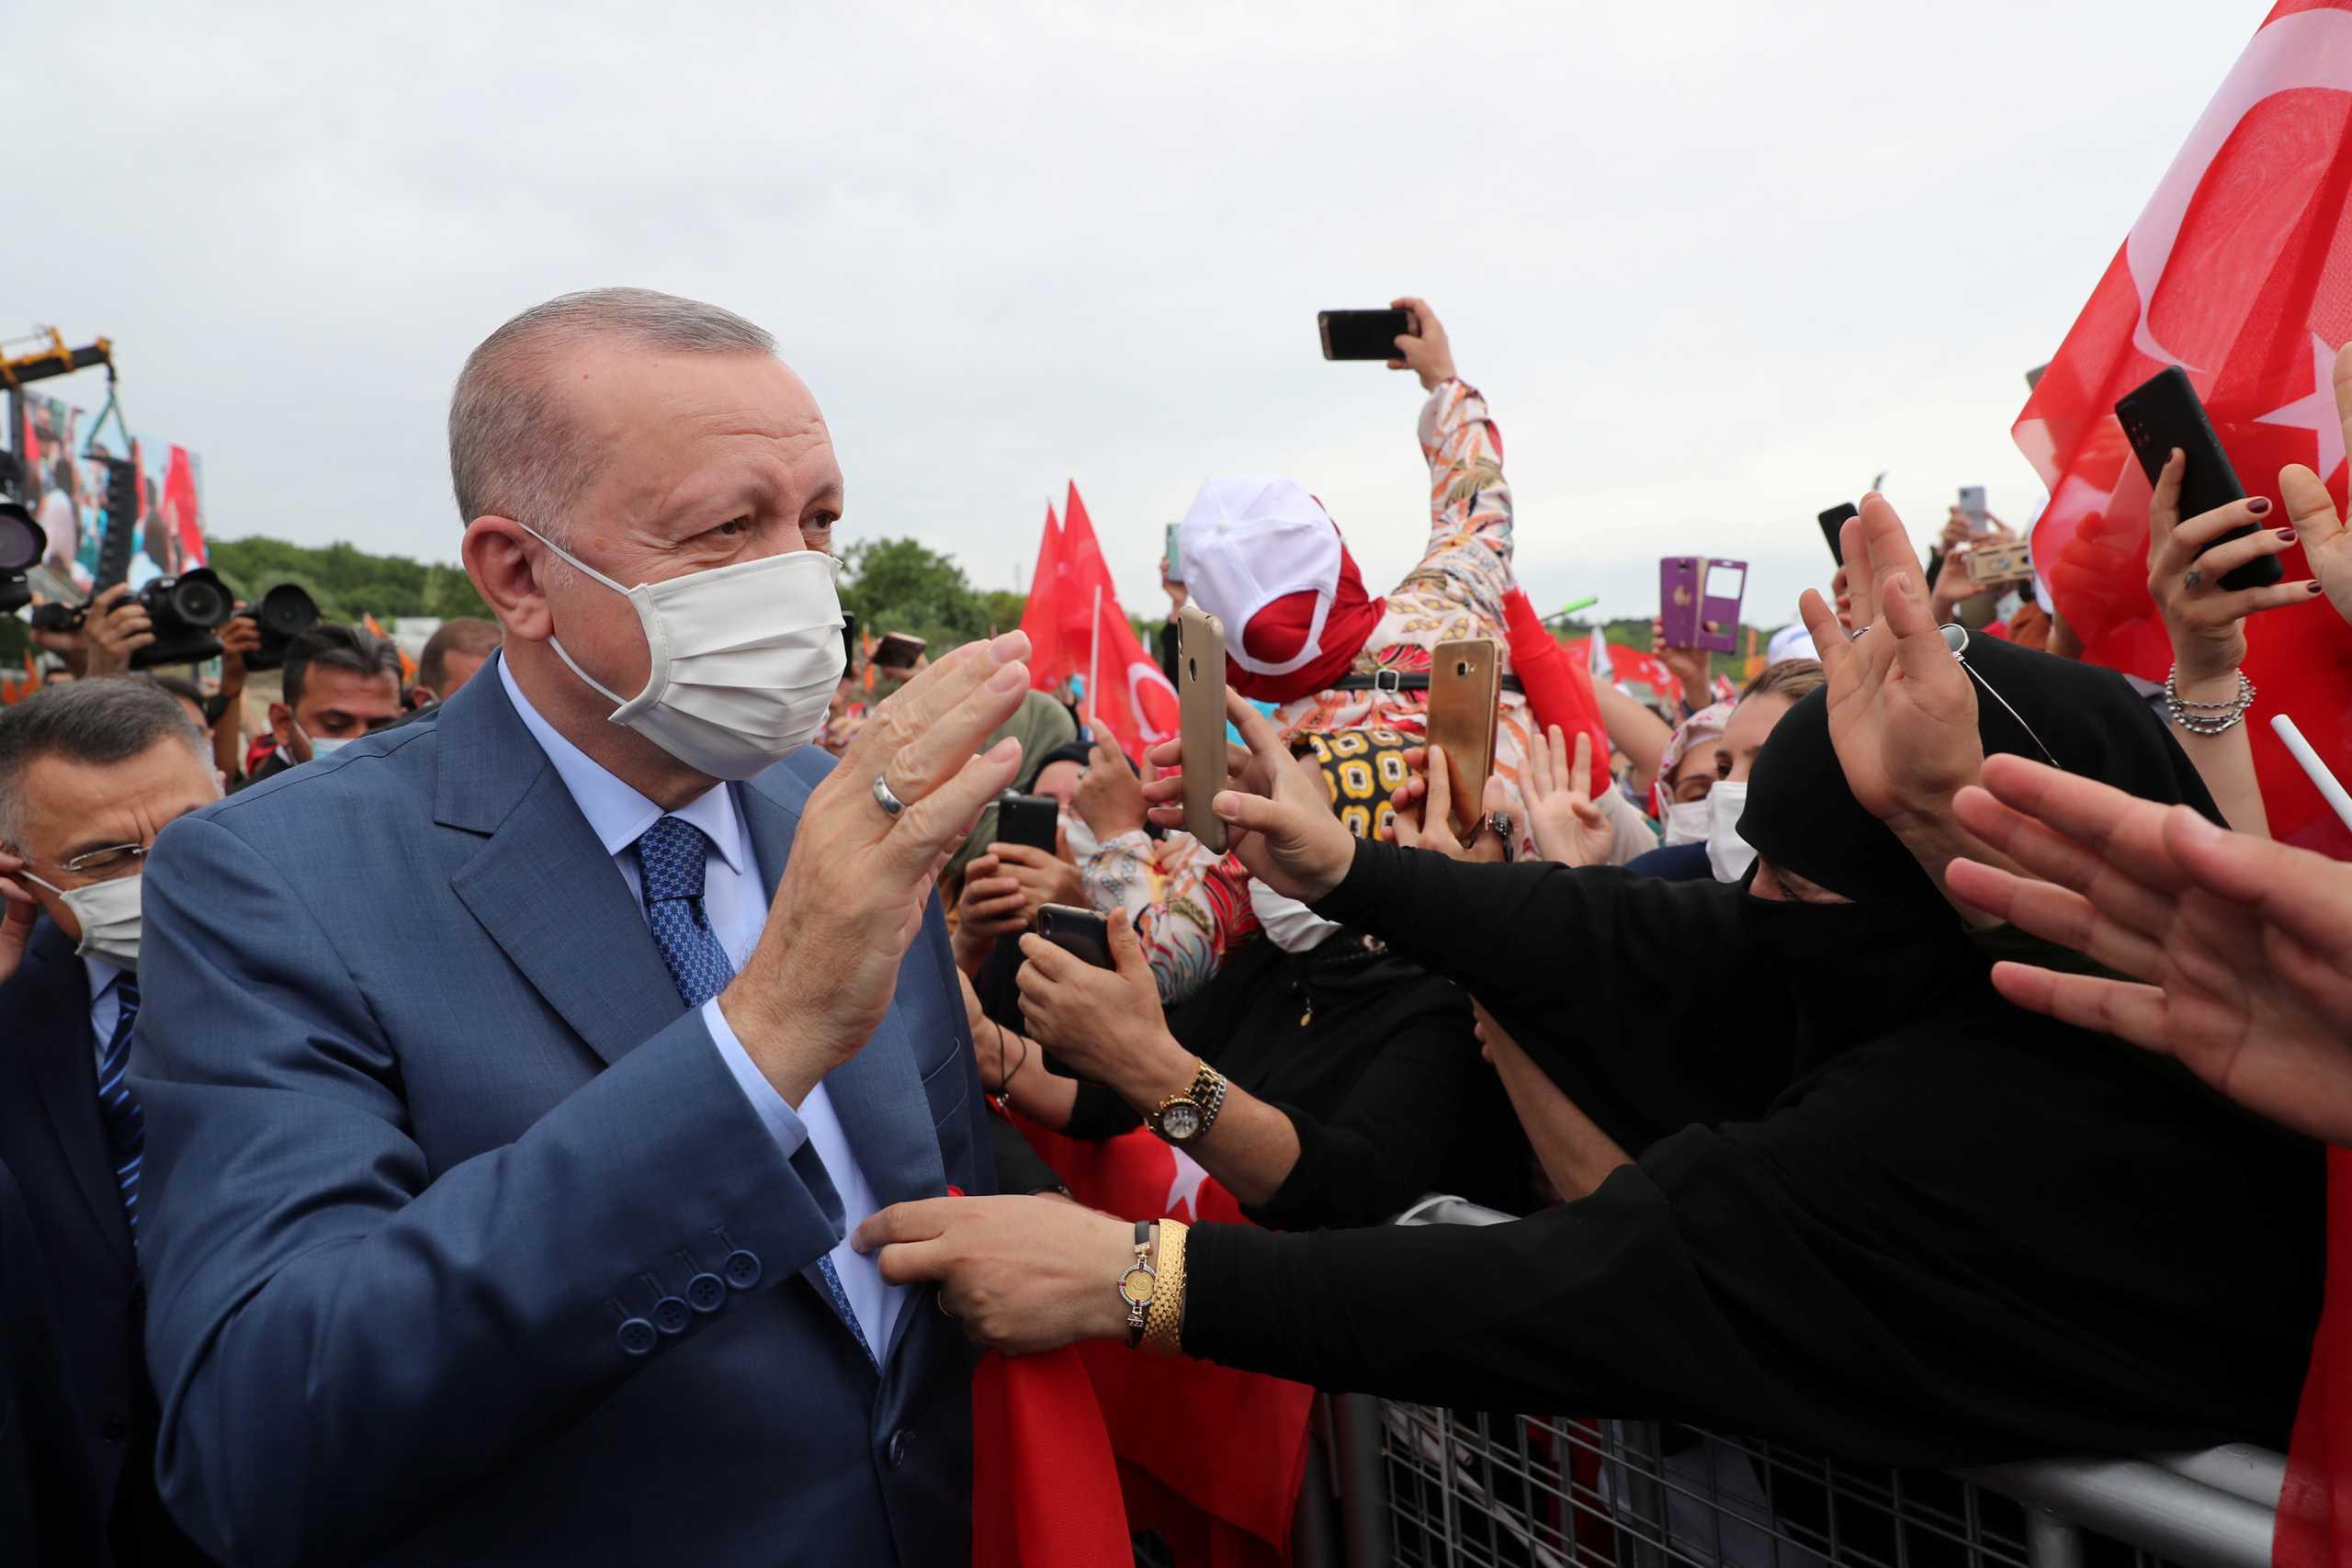 Τουρκία: Ο Ερντογάν έχει εμπλακεί και «μπλεχτεί» σε πολλά και δύσκολα «μέτωπα»